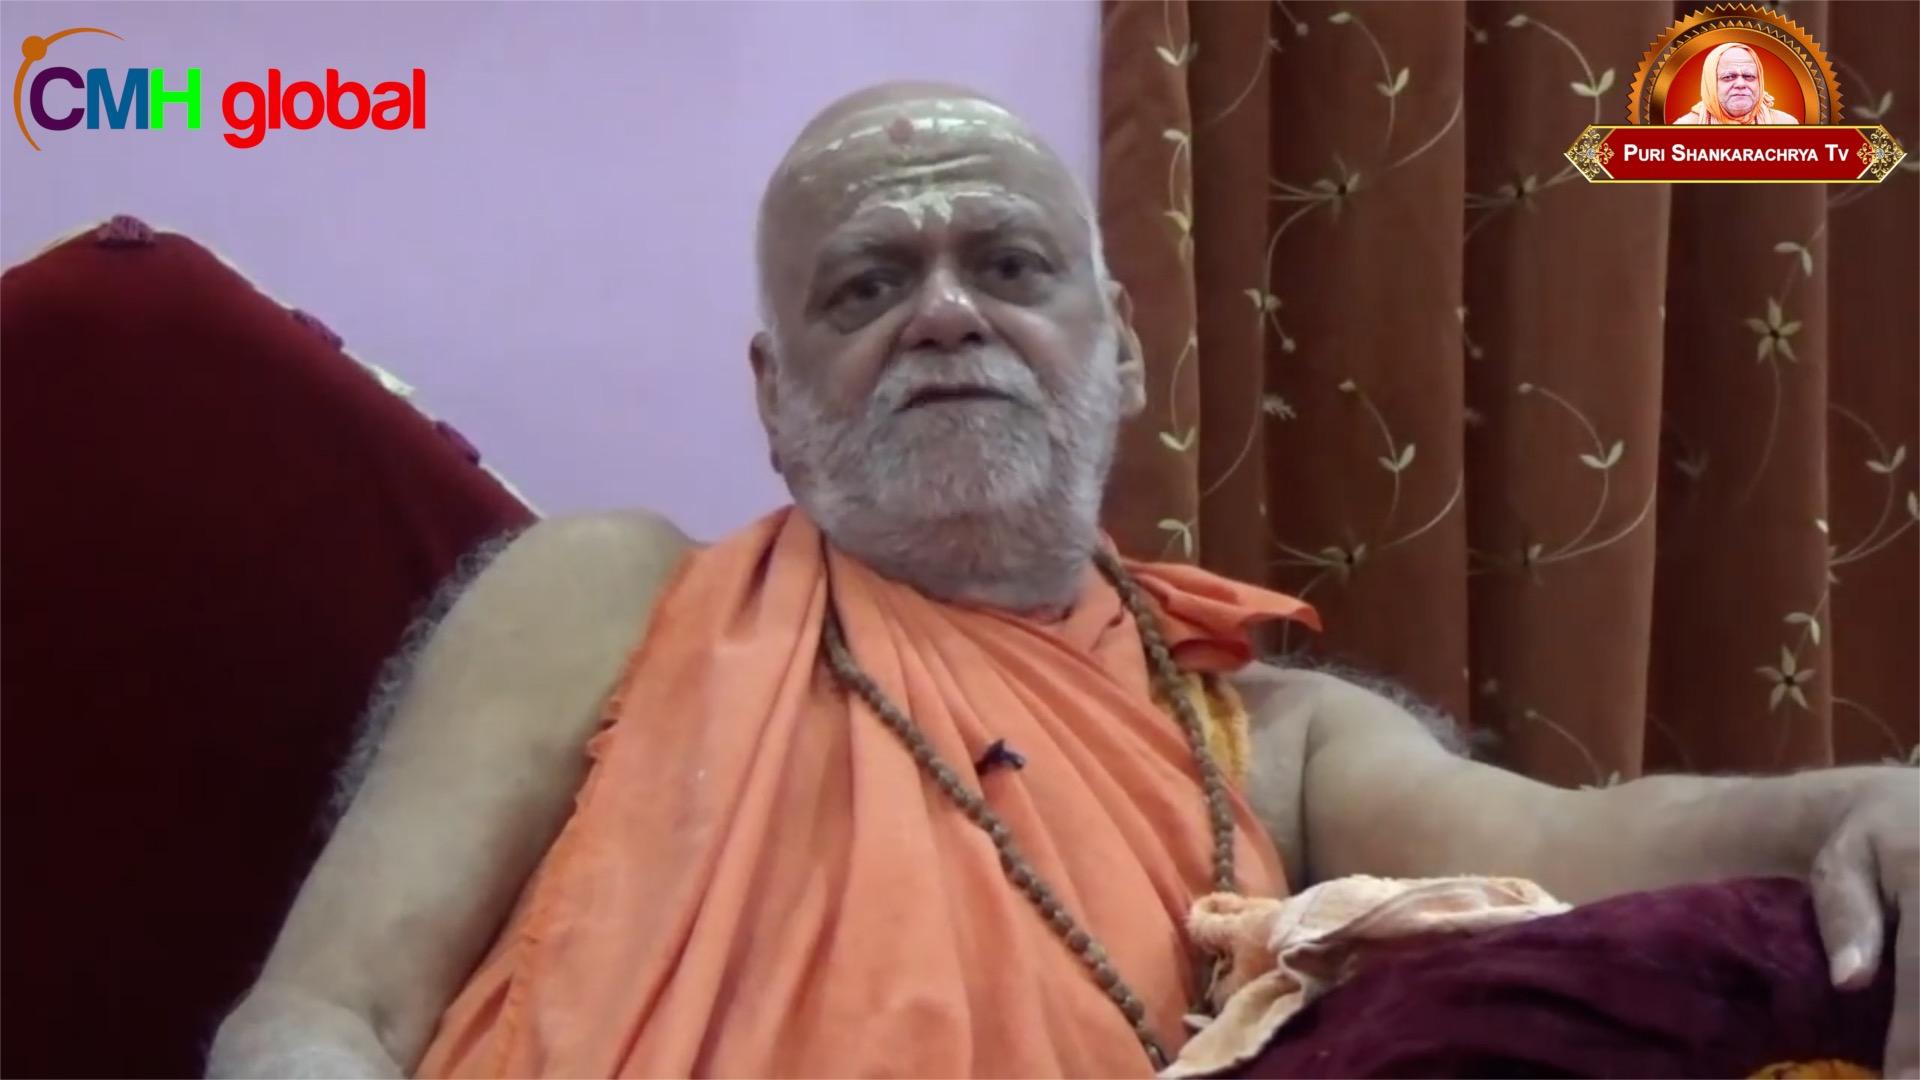 Gyan Dhara Ep -56 by Puri Shankaracharya Swami Nishchalananda Saraswati Ji